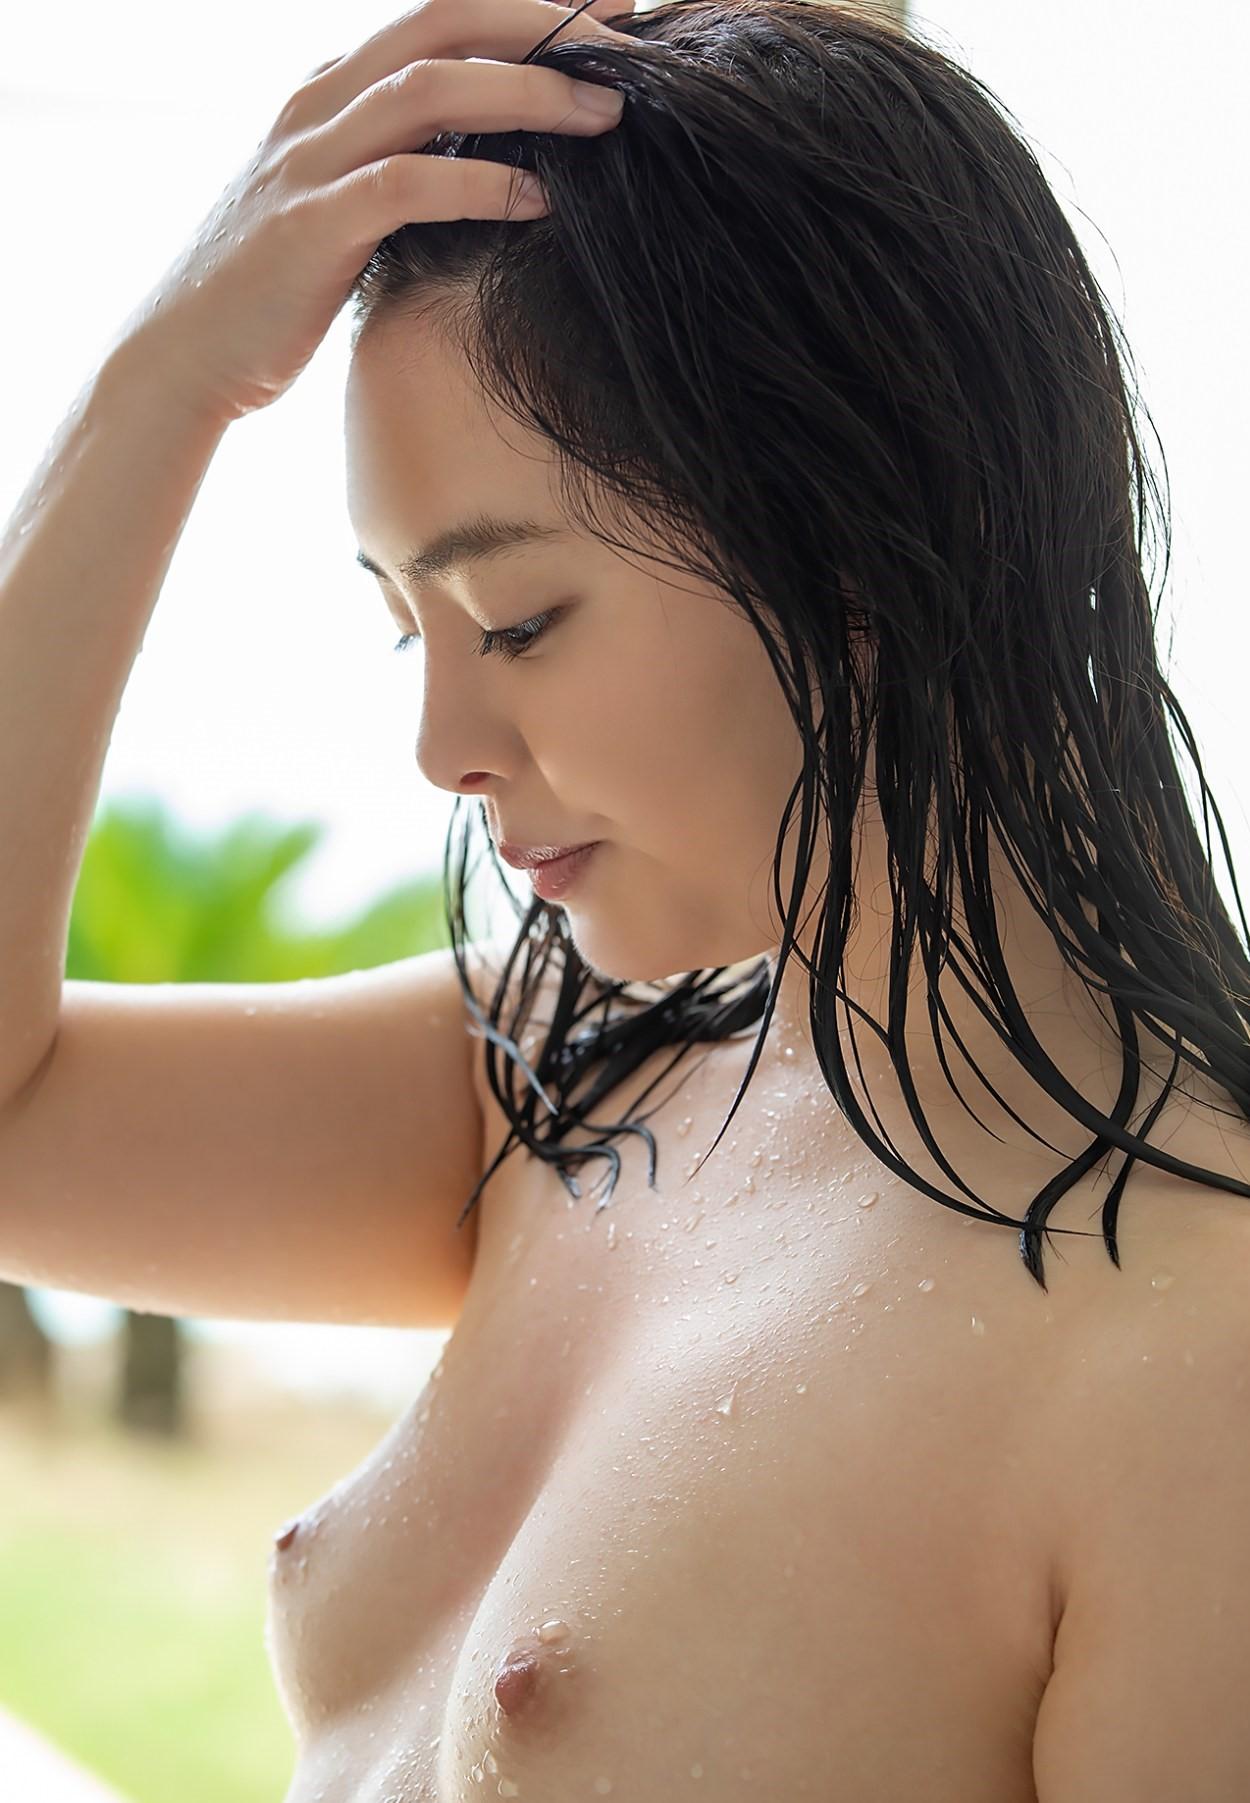 三次元 3次元 エロ画像 AV女優  小倉由菜 ヌード  べっぴん娘通信 057